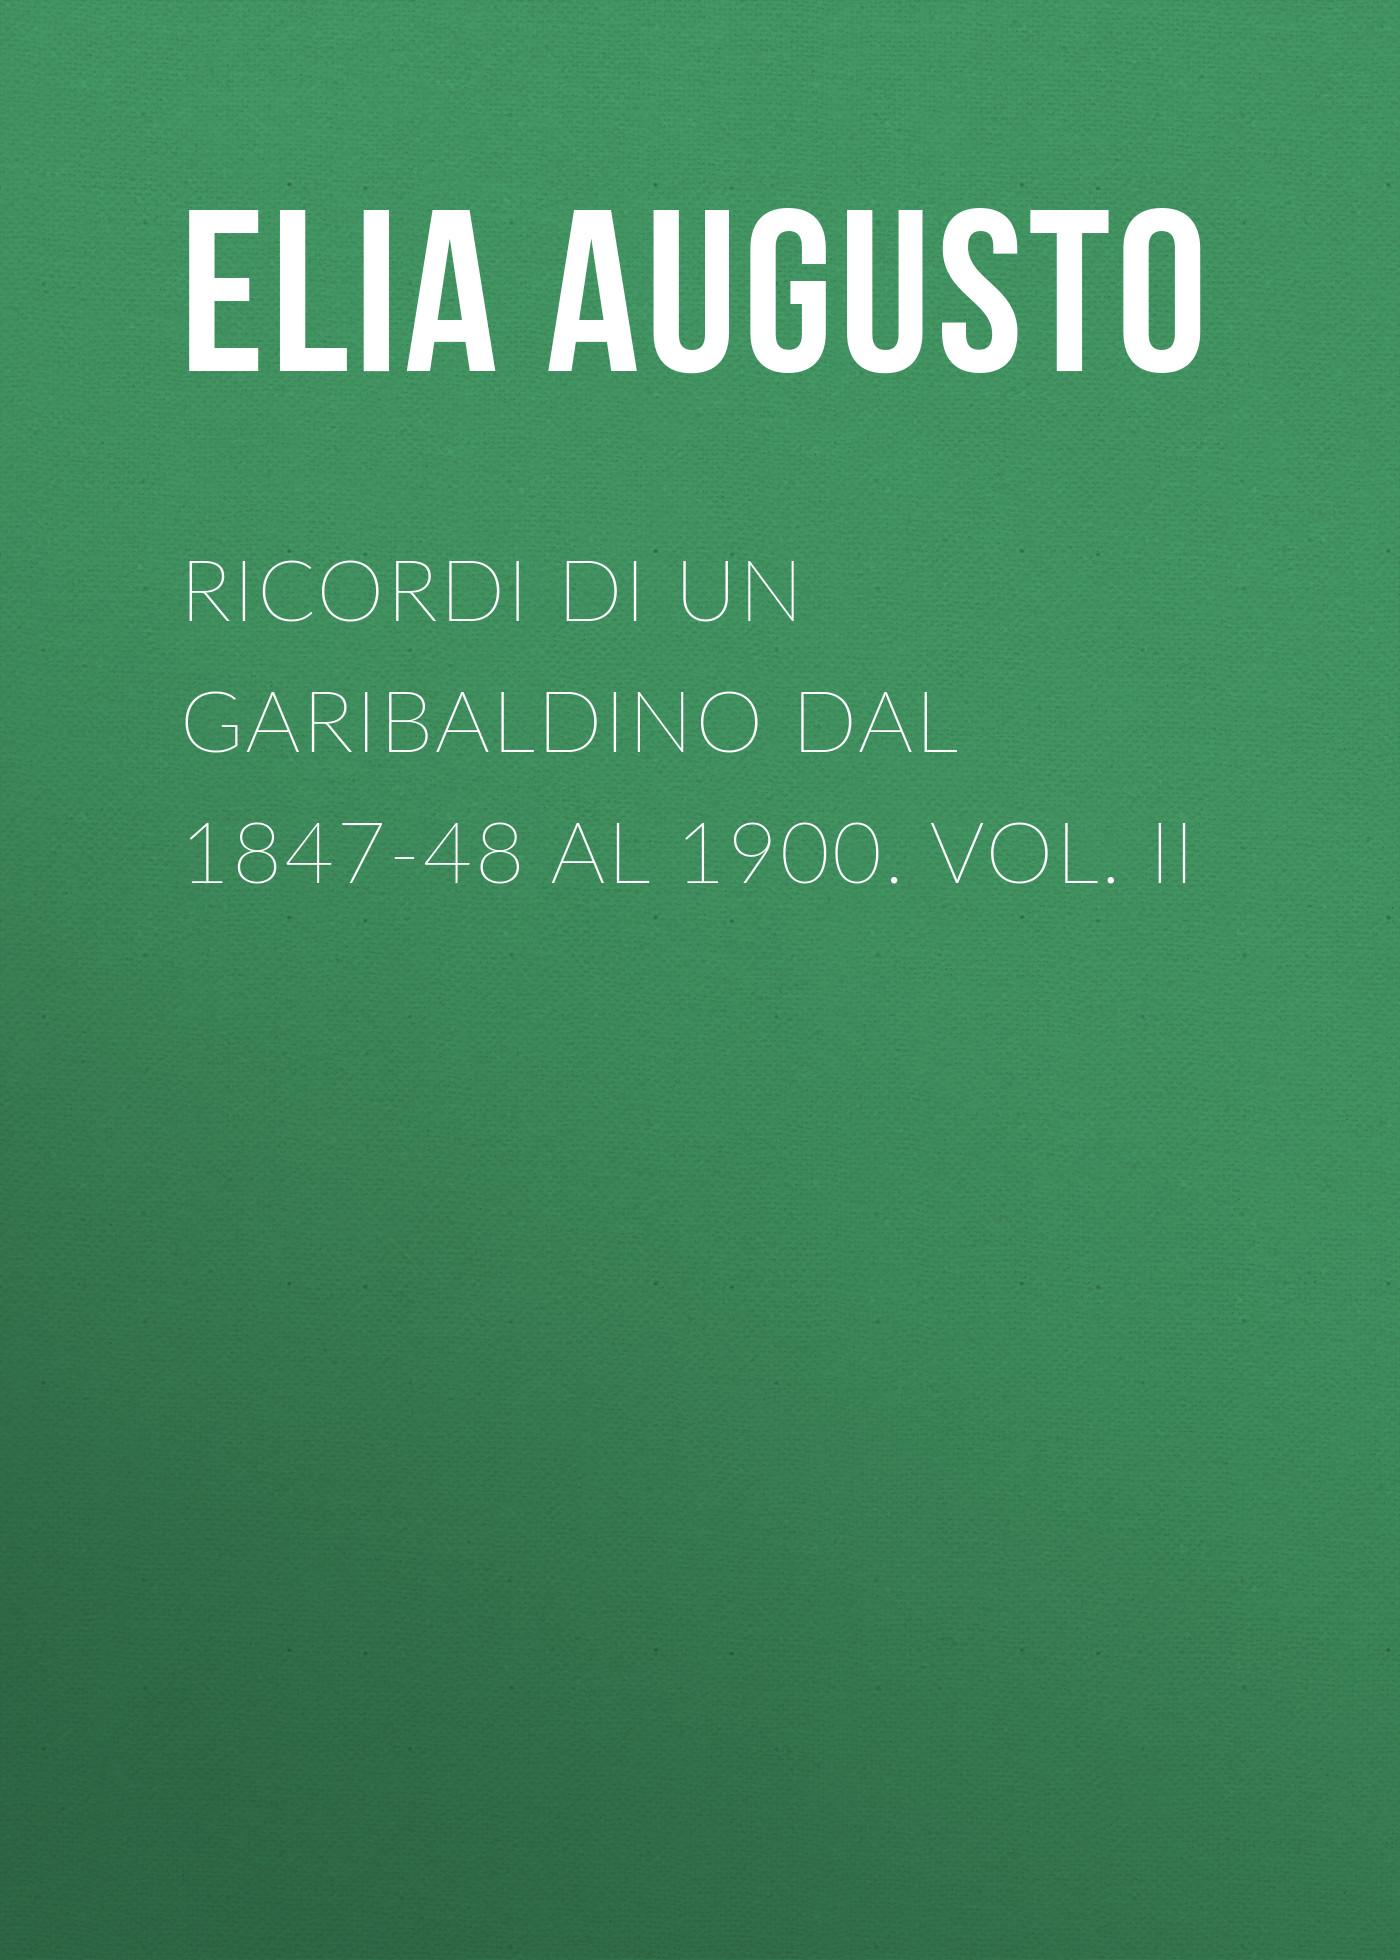 Elia Augusto Ricordi di un garibaldino dal 1847-48 al 1900. vol. II al di meola al di meola opus 2 lp